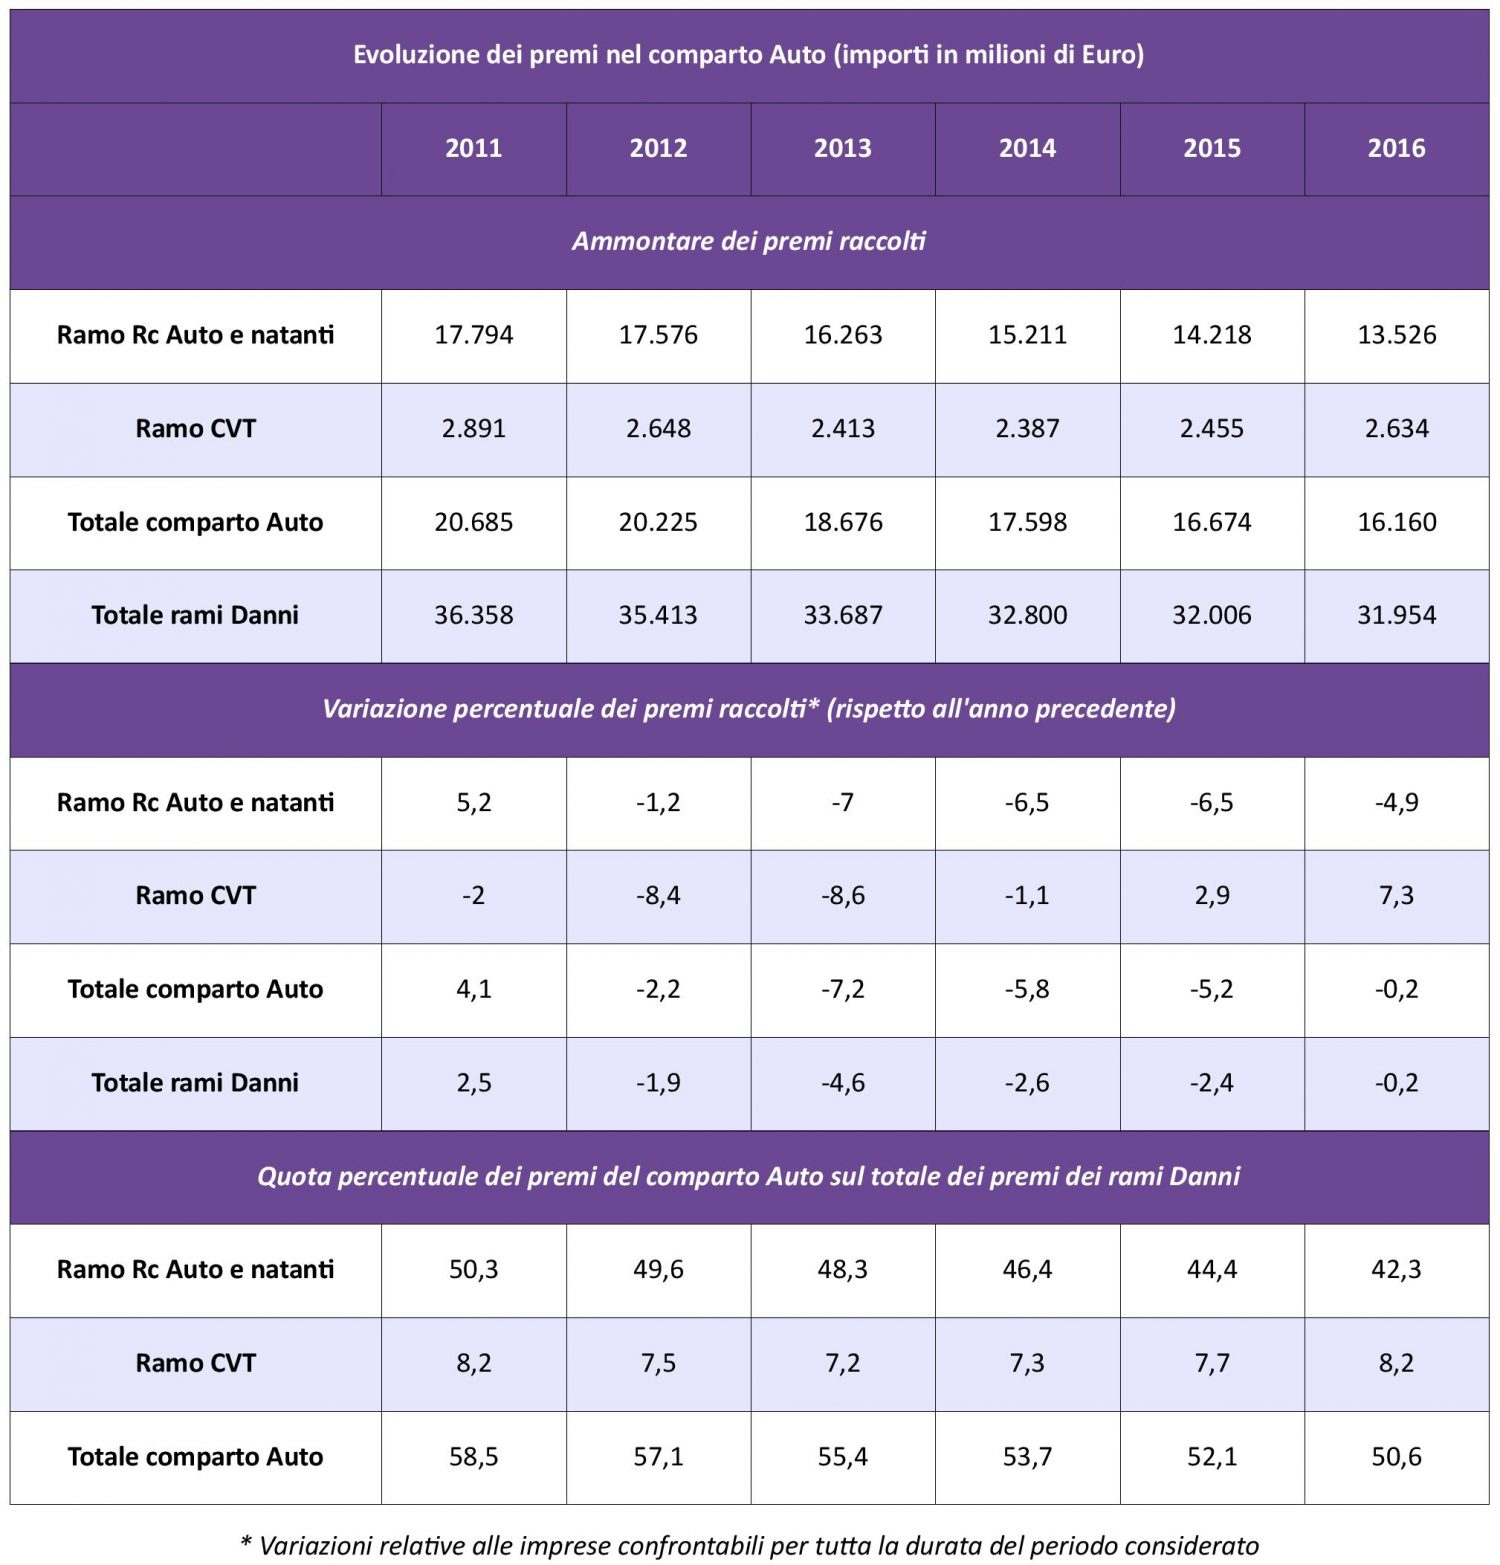 IVASS - Statistiche Auto 2016 - Tab. 1 - Evoluzione Premi IMC